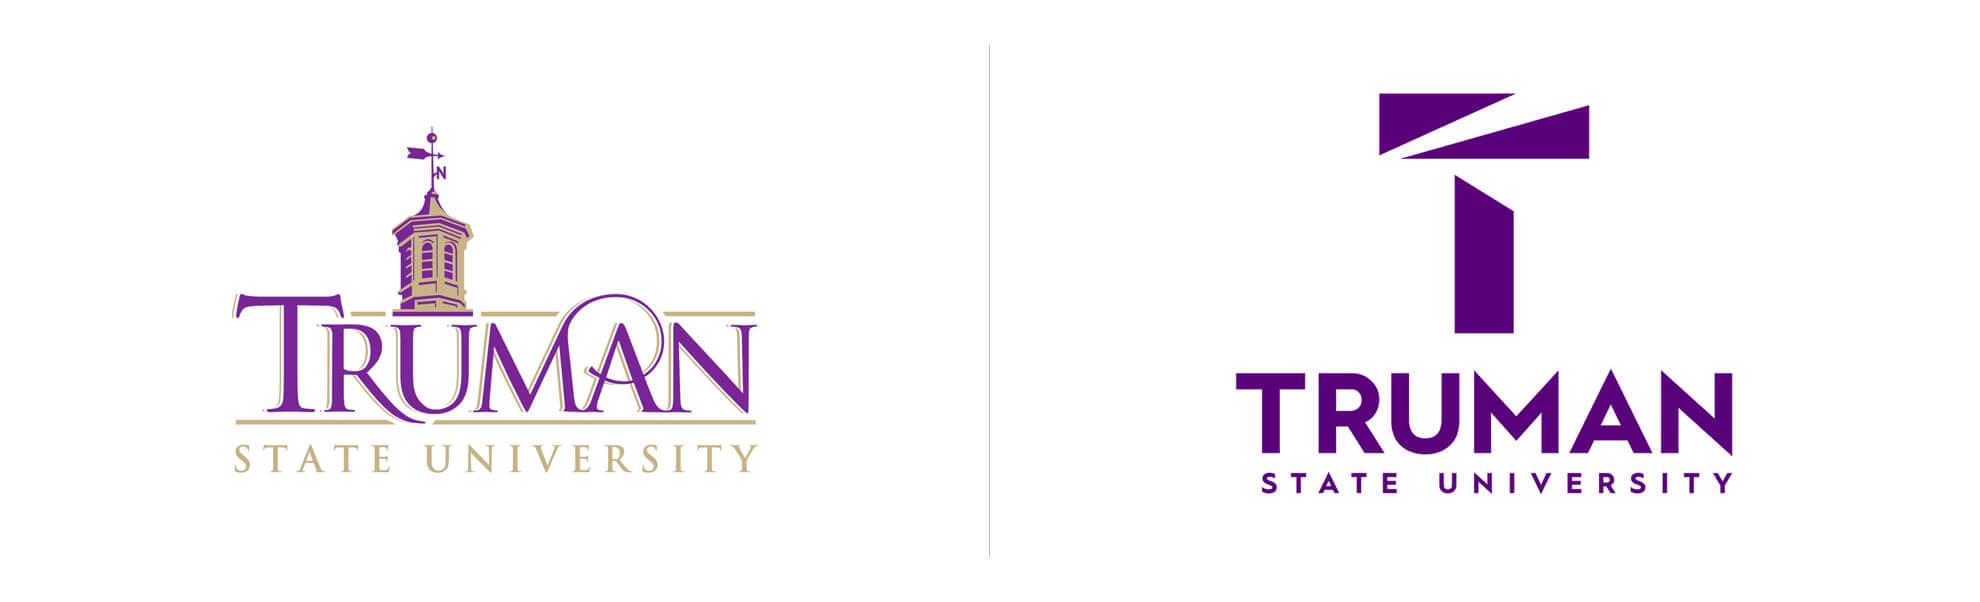 Truman State University znowym logo